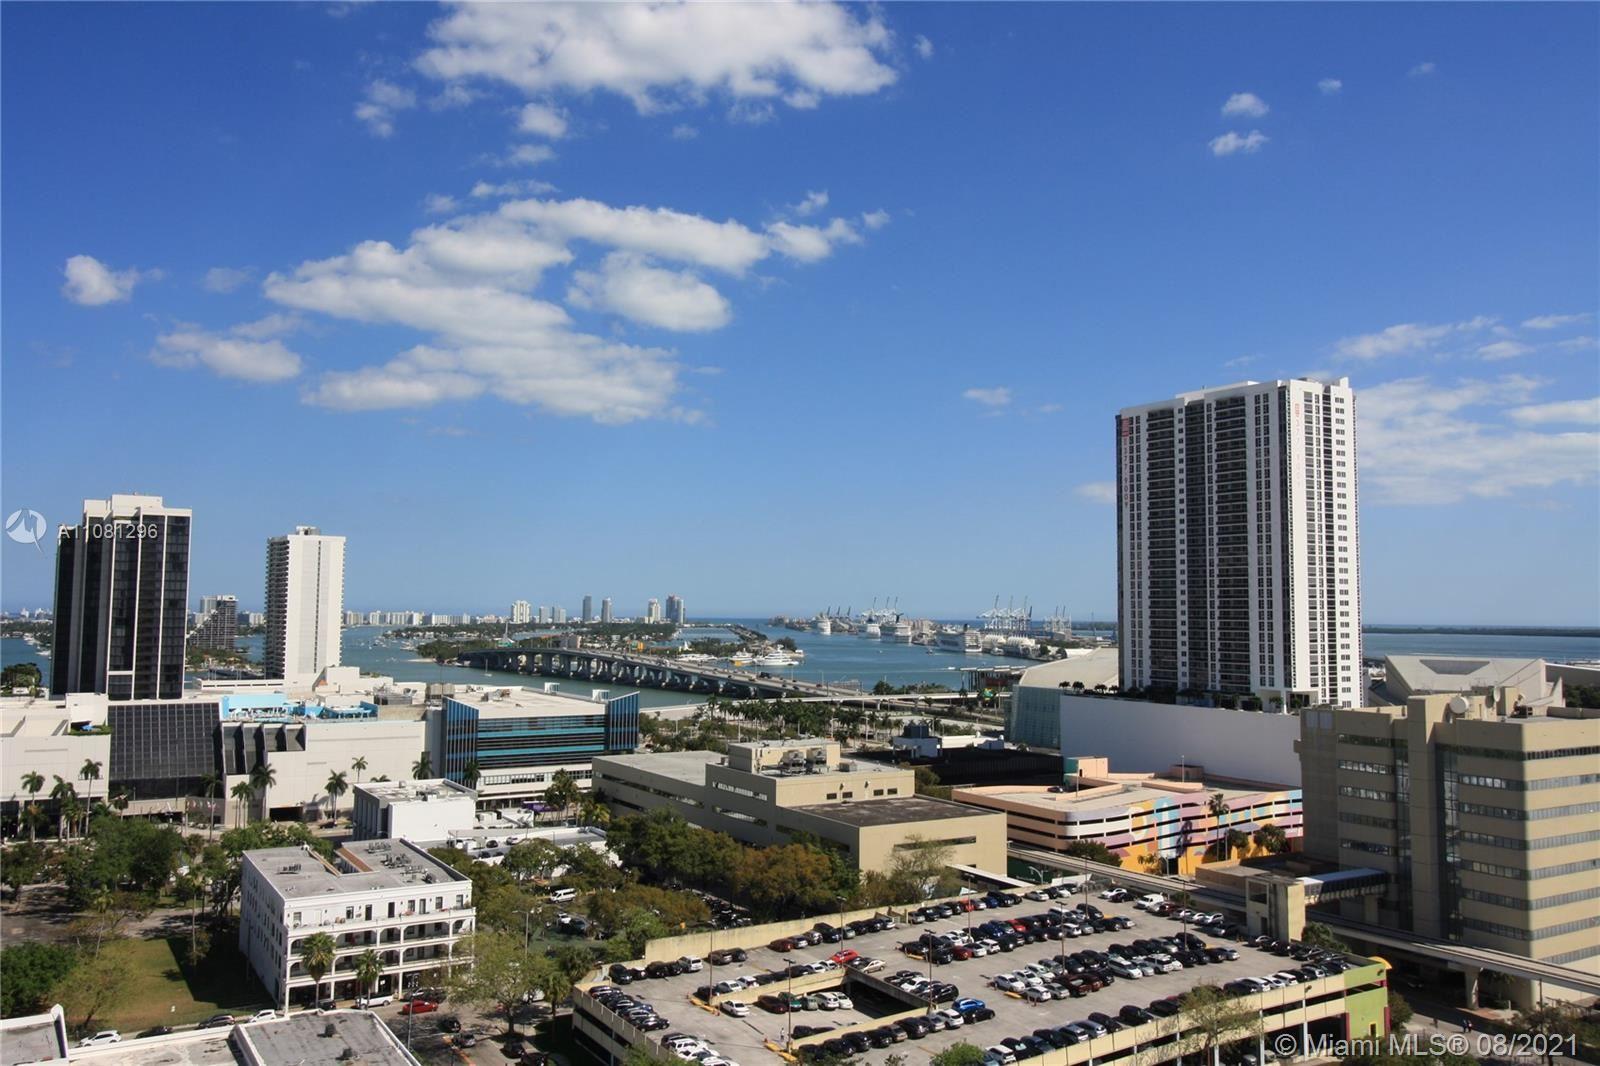 1600 NE 1 Ave #1701, Miami, FL 33132 - #: A11081296